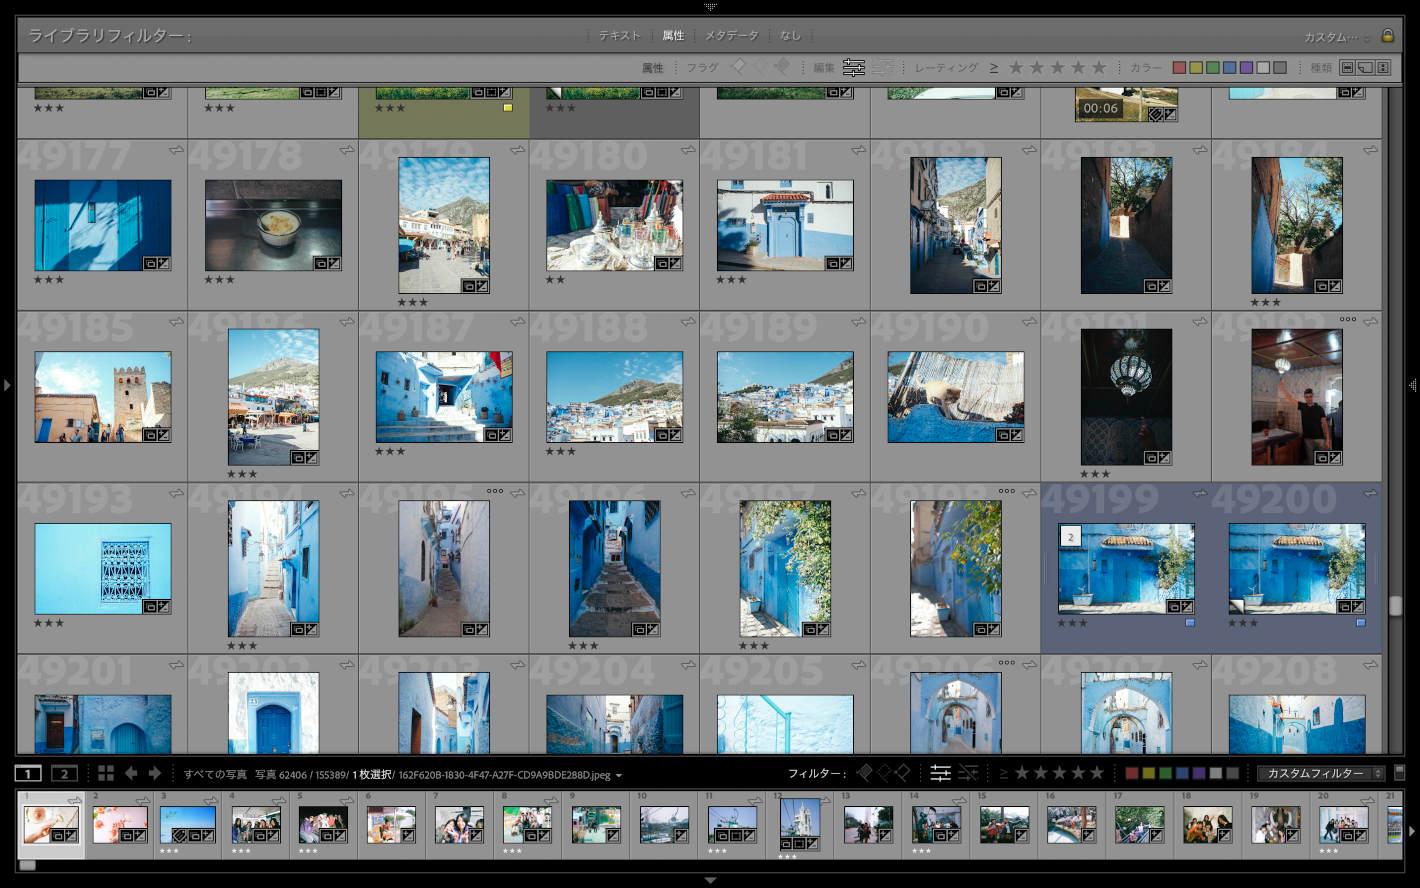 フォトグラファーの写真整理術【デジタル編】スマホ完結派とPC一元管理派の2人のスタイル